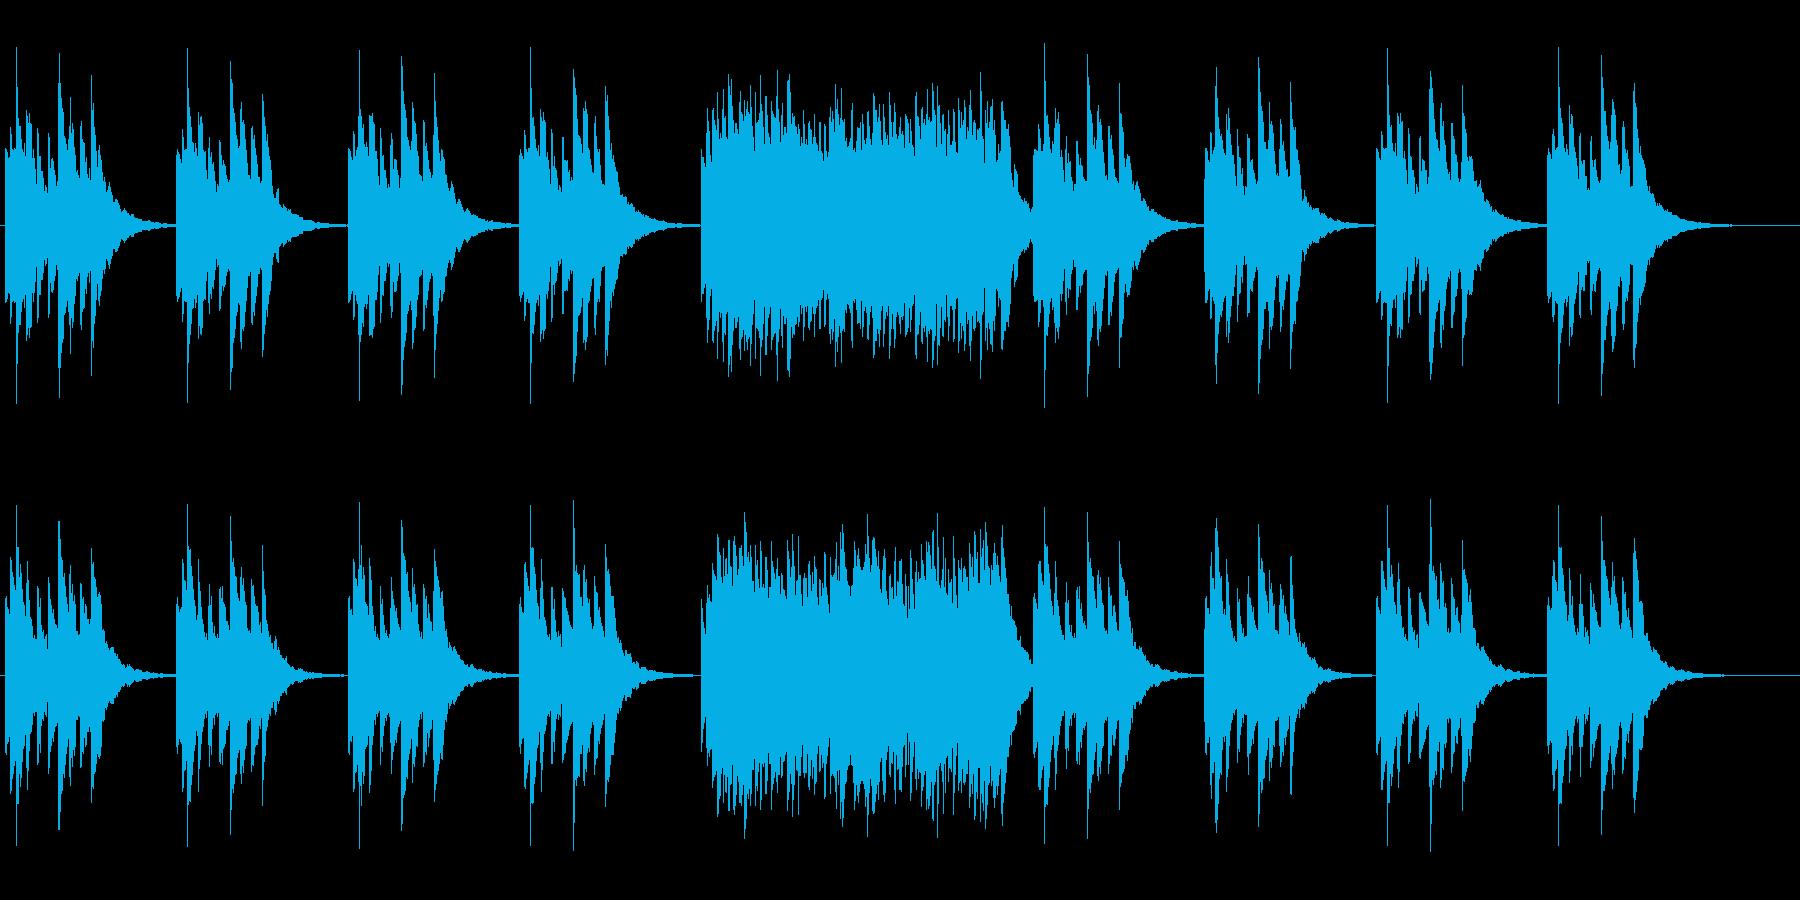 せつない旋律のオルゴールの曲ですの再生済みの波形